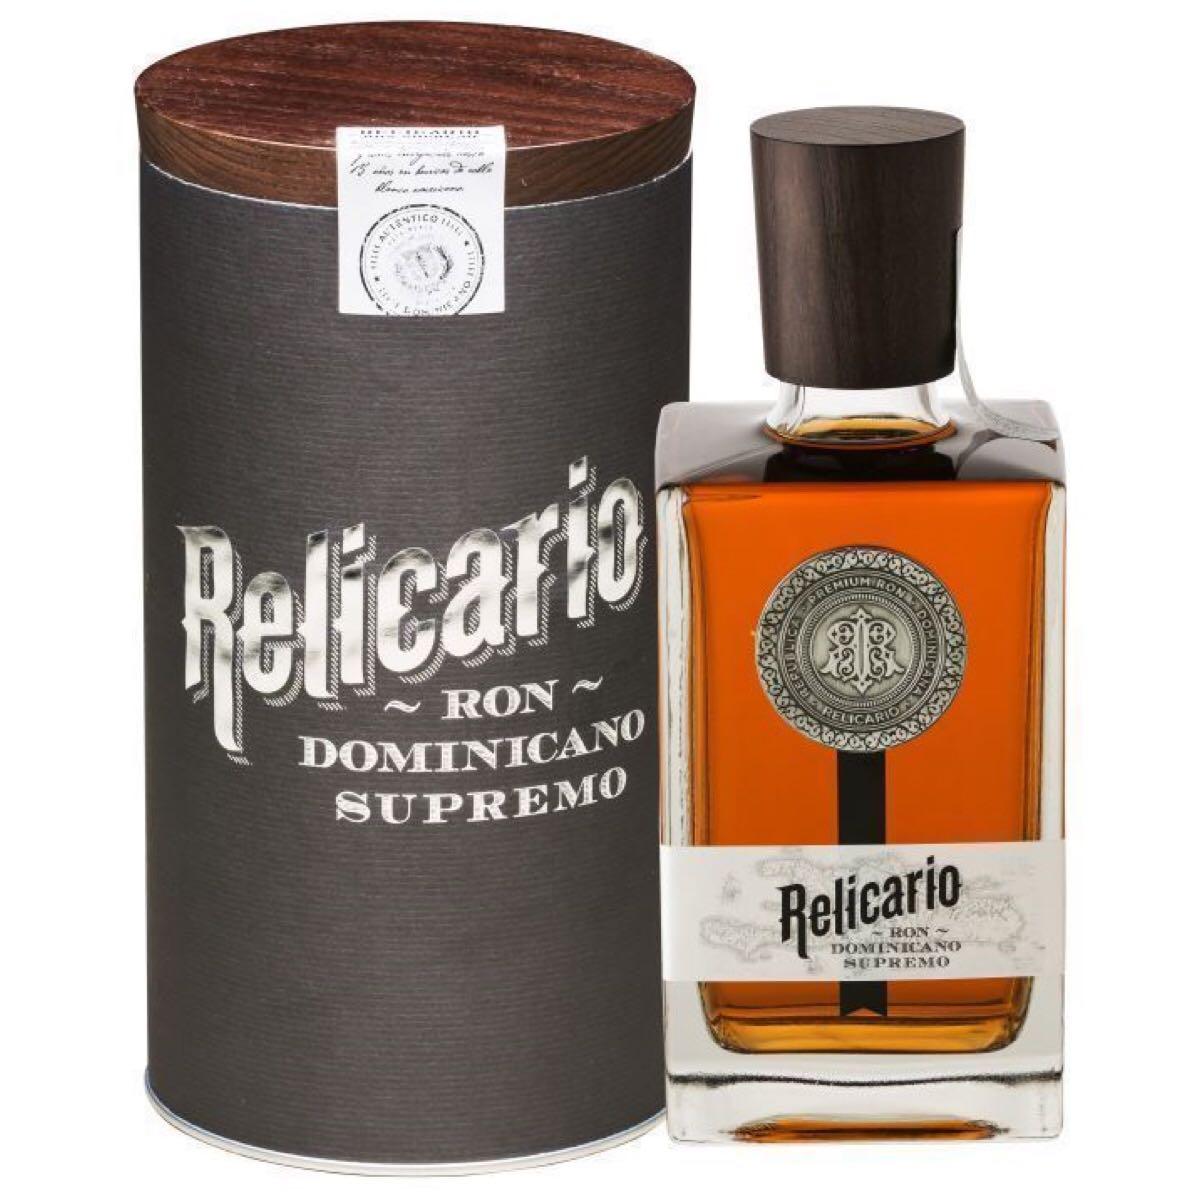 Bottle image of Relicario Supremo